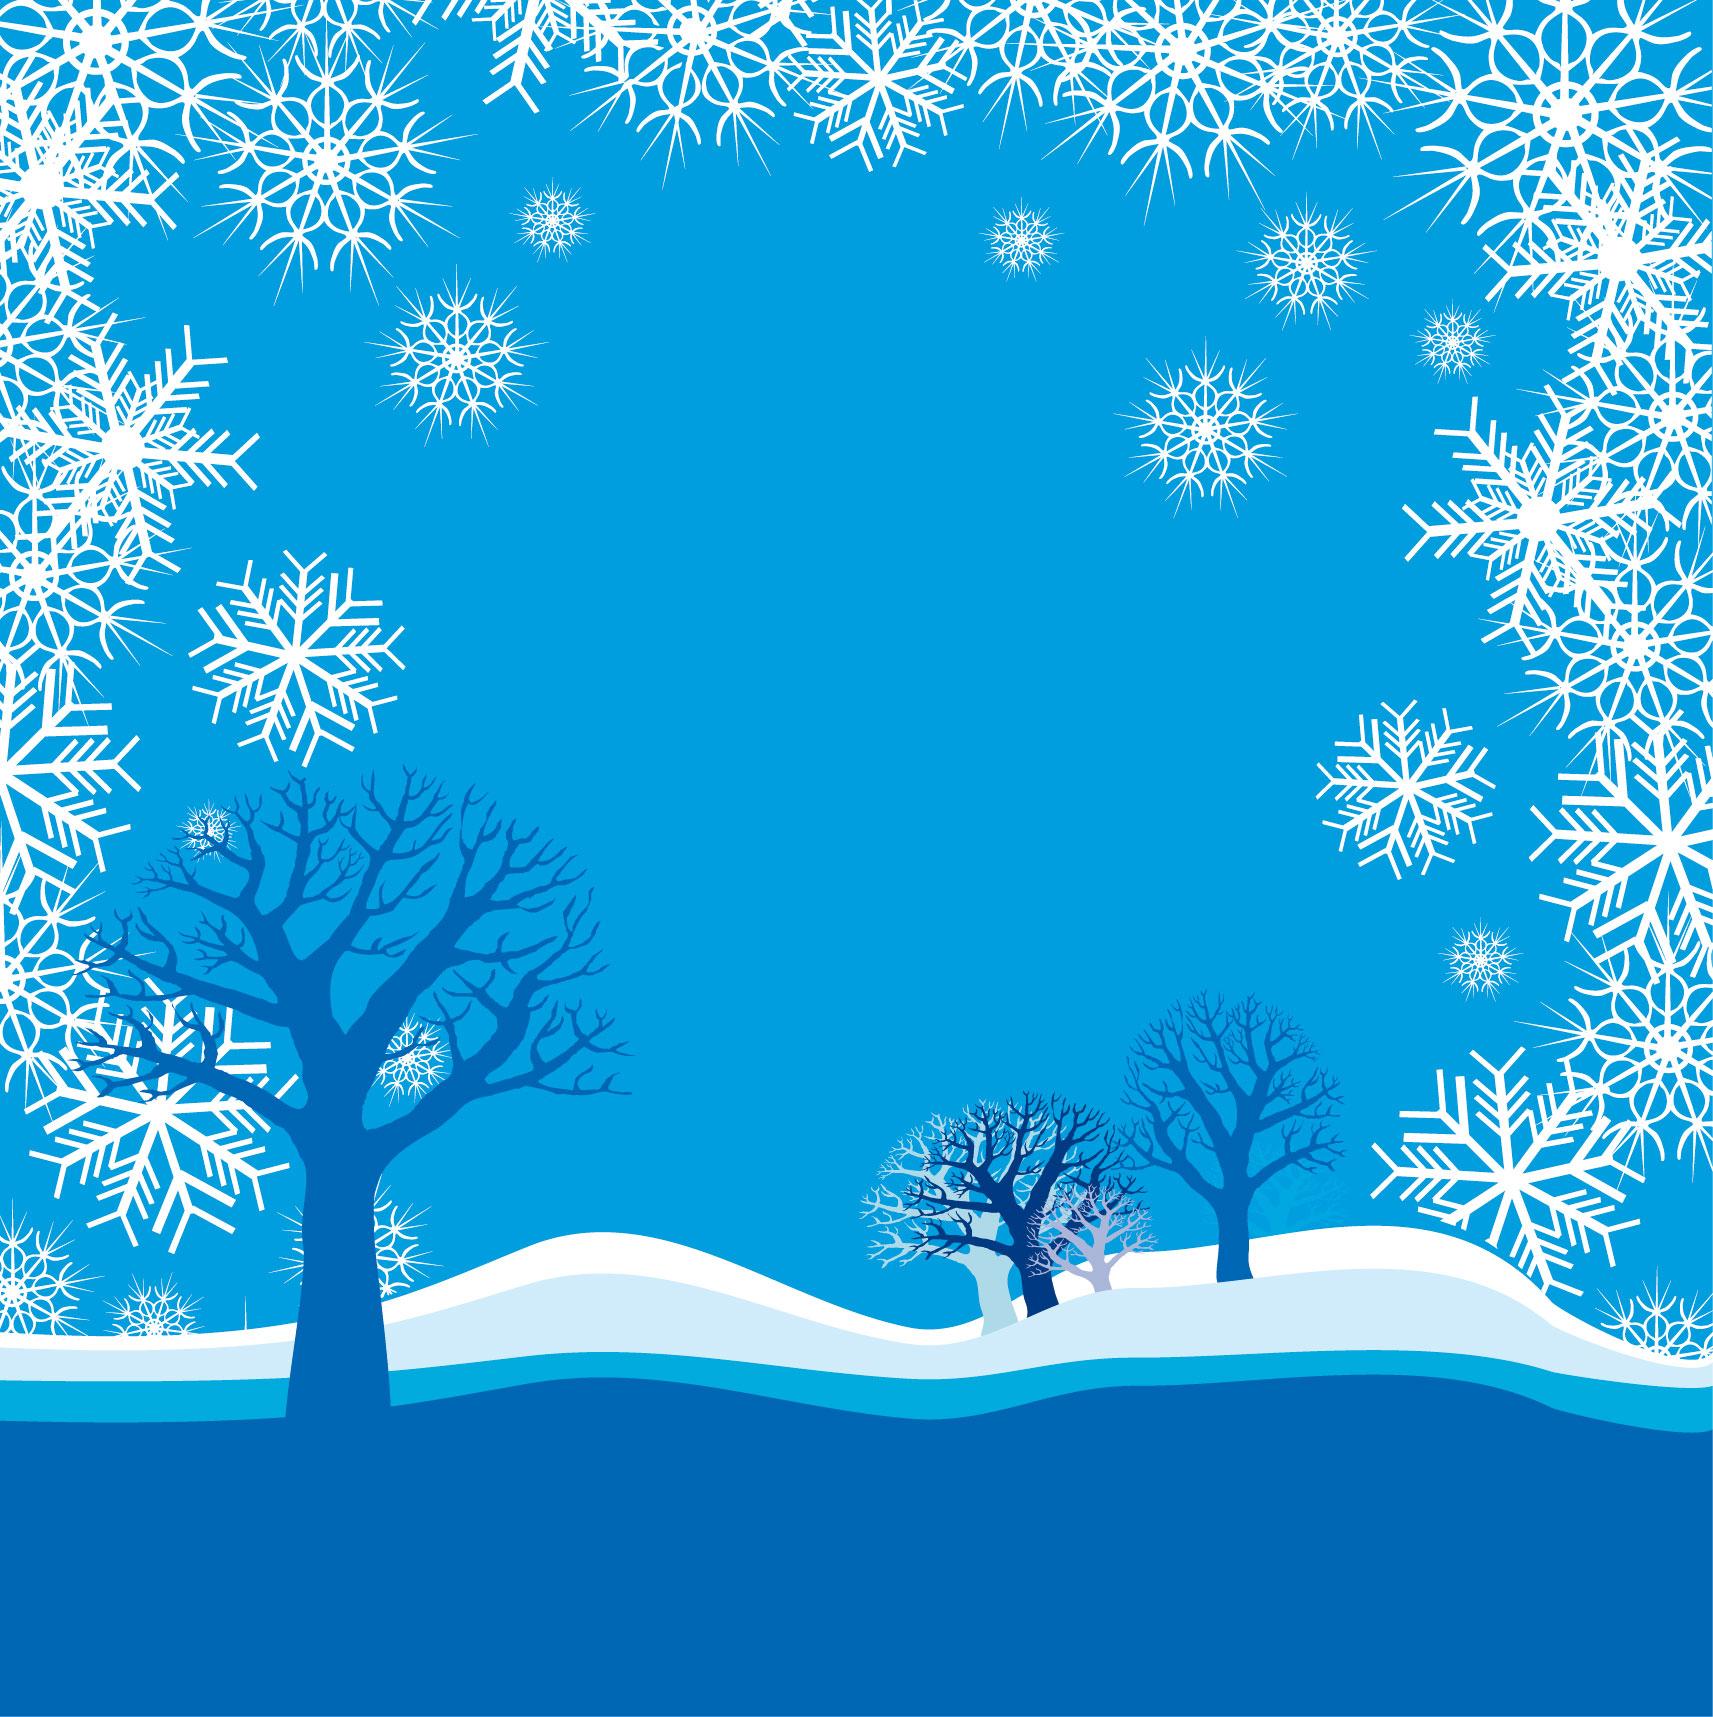 冬の画像サンプル-雪山・結晶